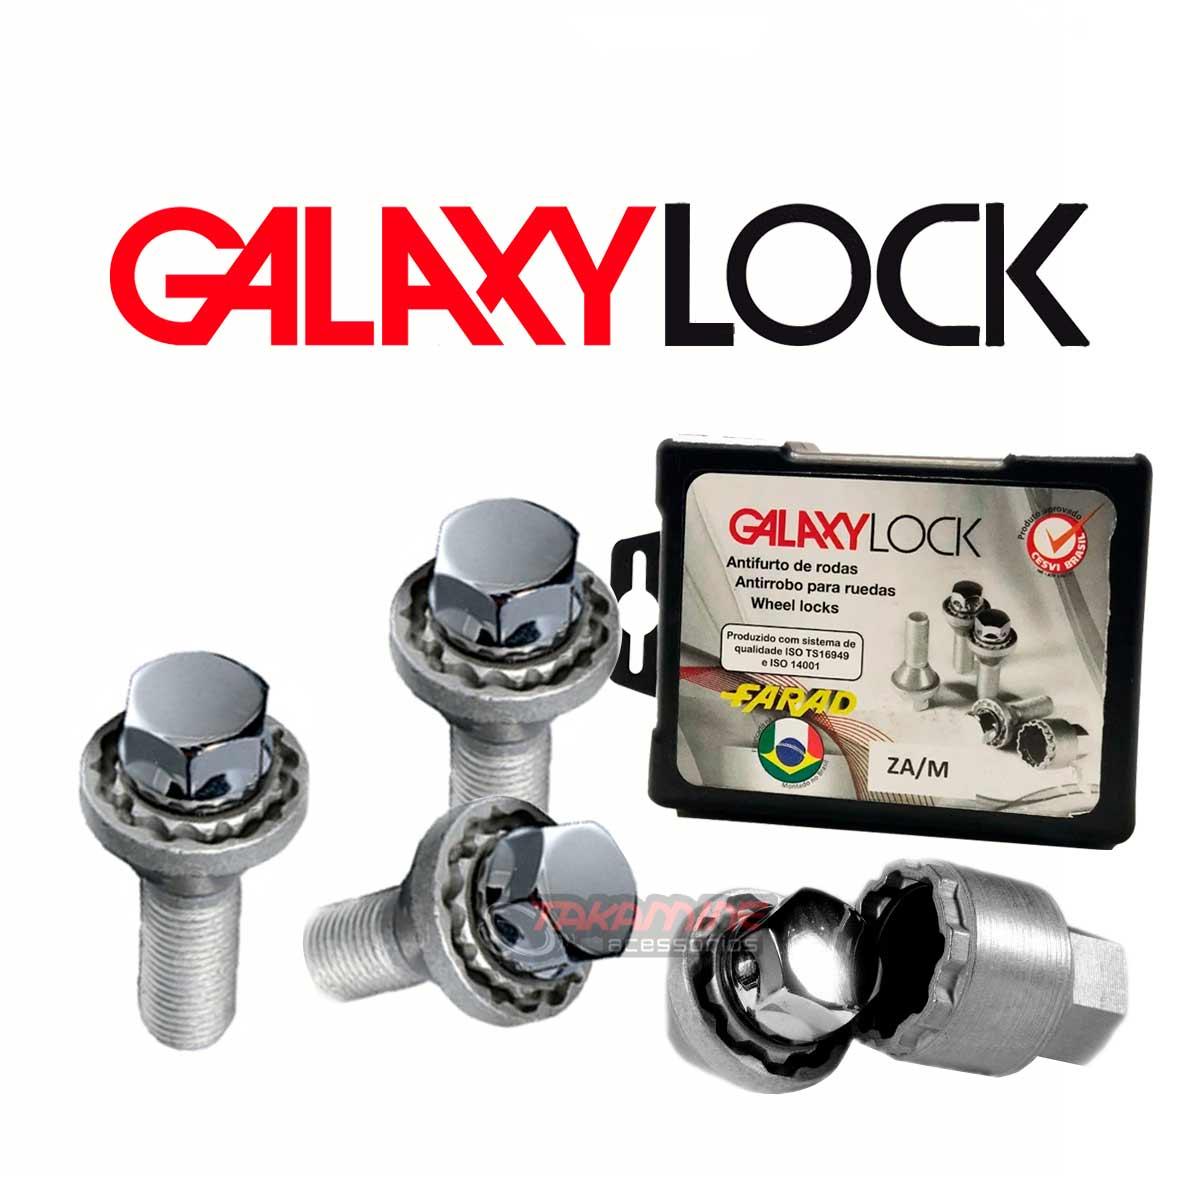 Parafuso antifurto para rodas Galaxy Lock Voyage 1981 até 1996 (roda de liga) L2/M